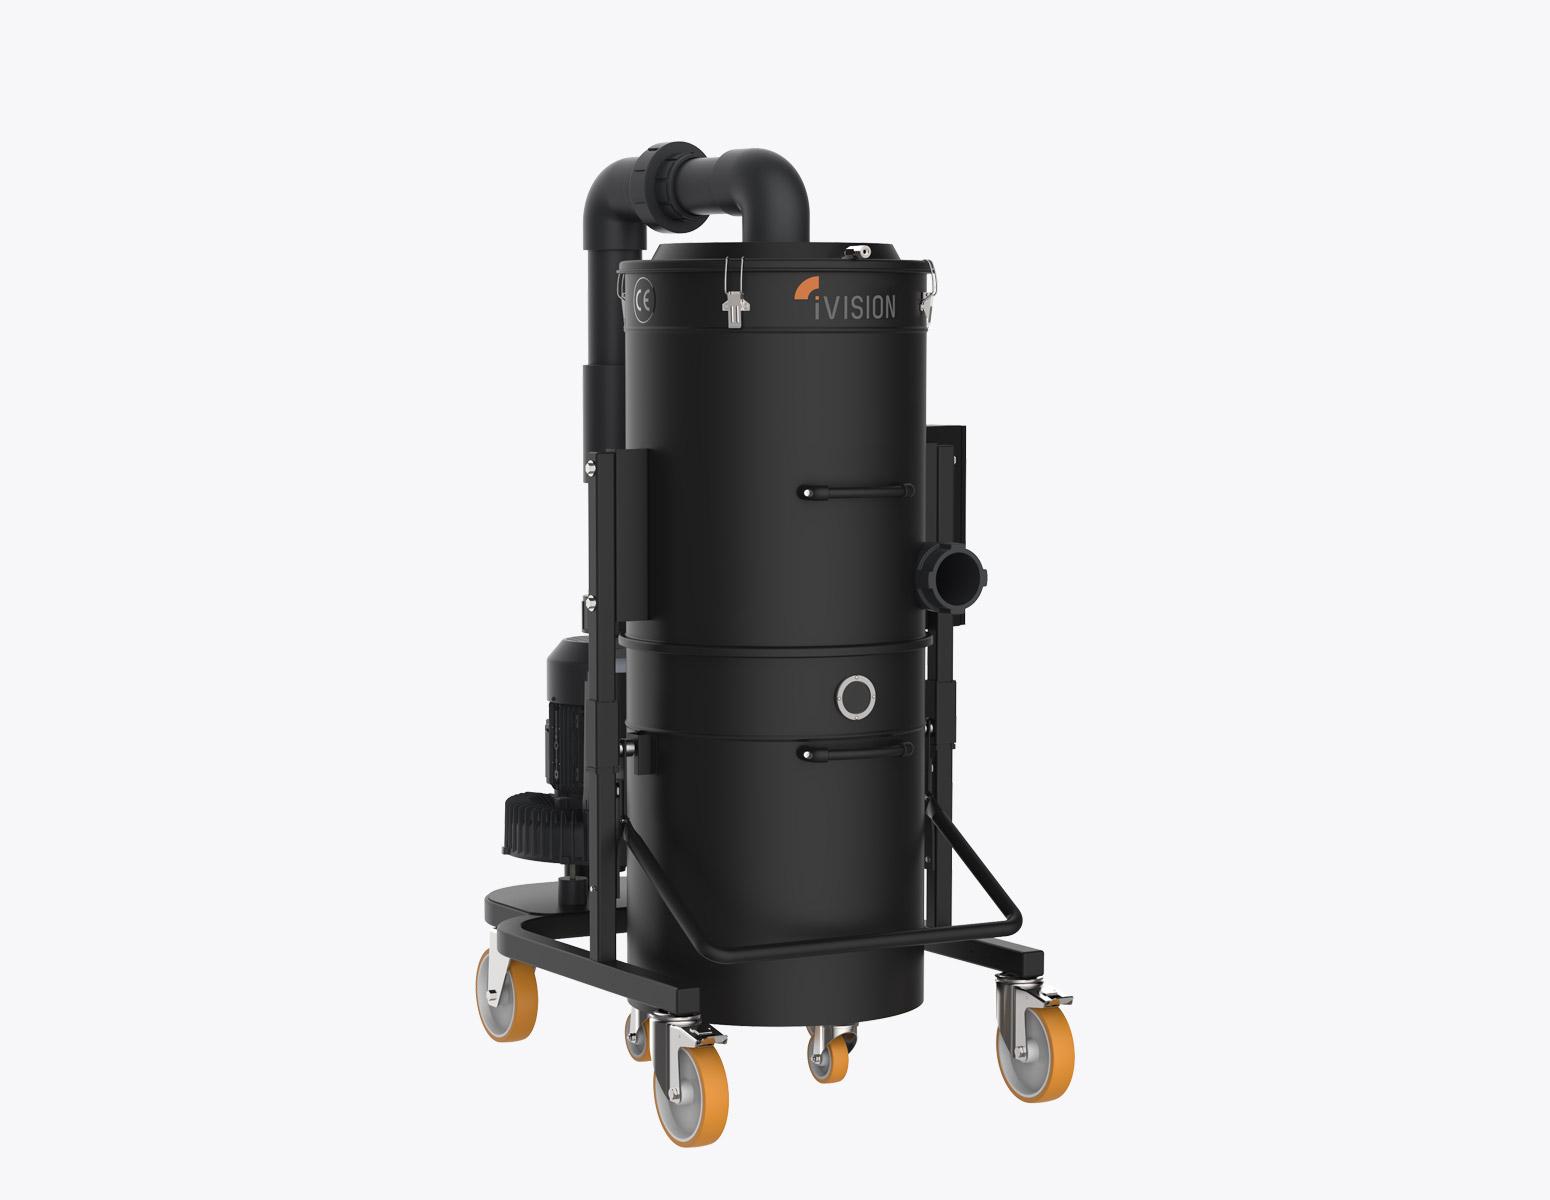 iv3-emulsio-line-industrial-vacuum-cleaners-ivision-vacuum-f